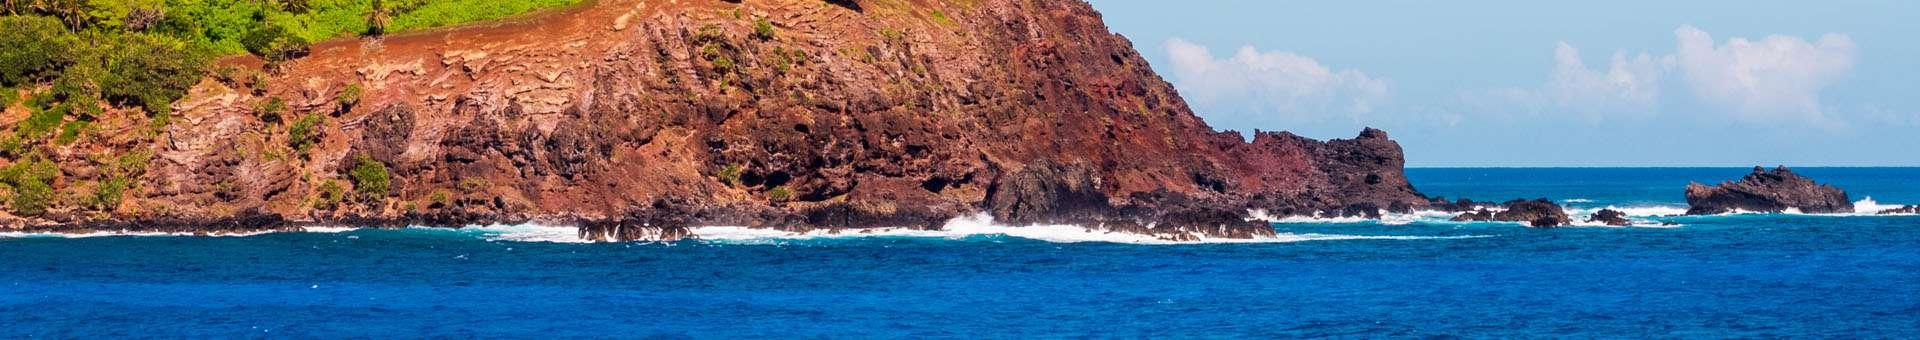 Rechercher des informations WHOIS sur les noms de domaine à l' Île de Pitcairn